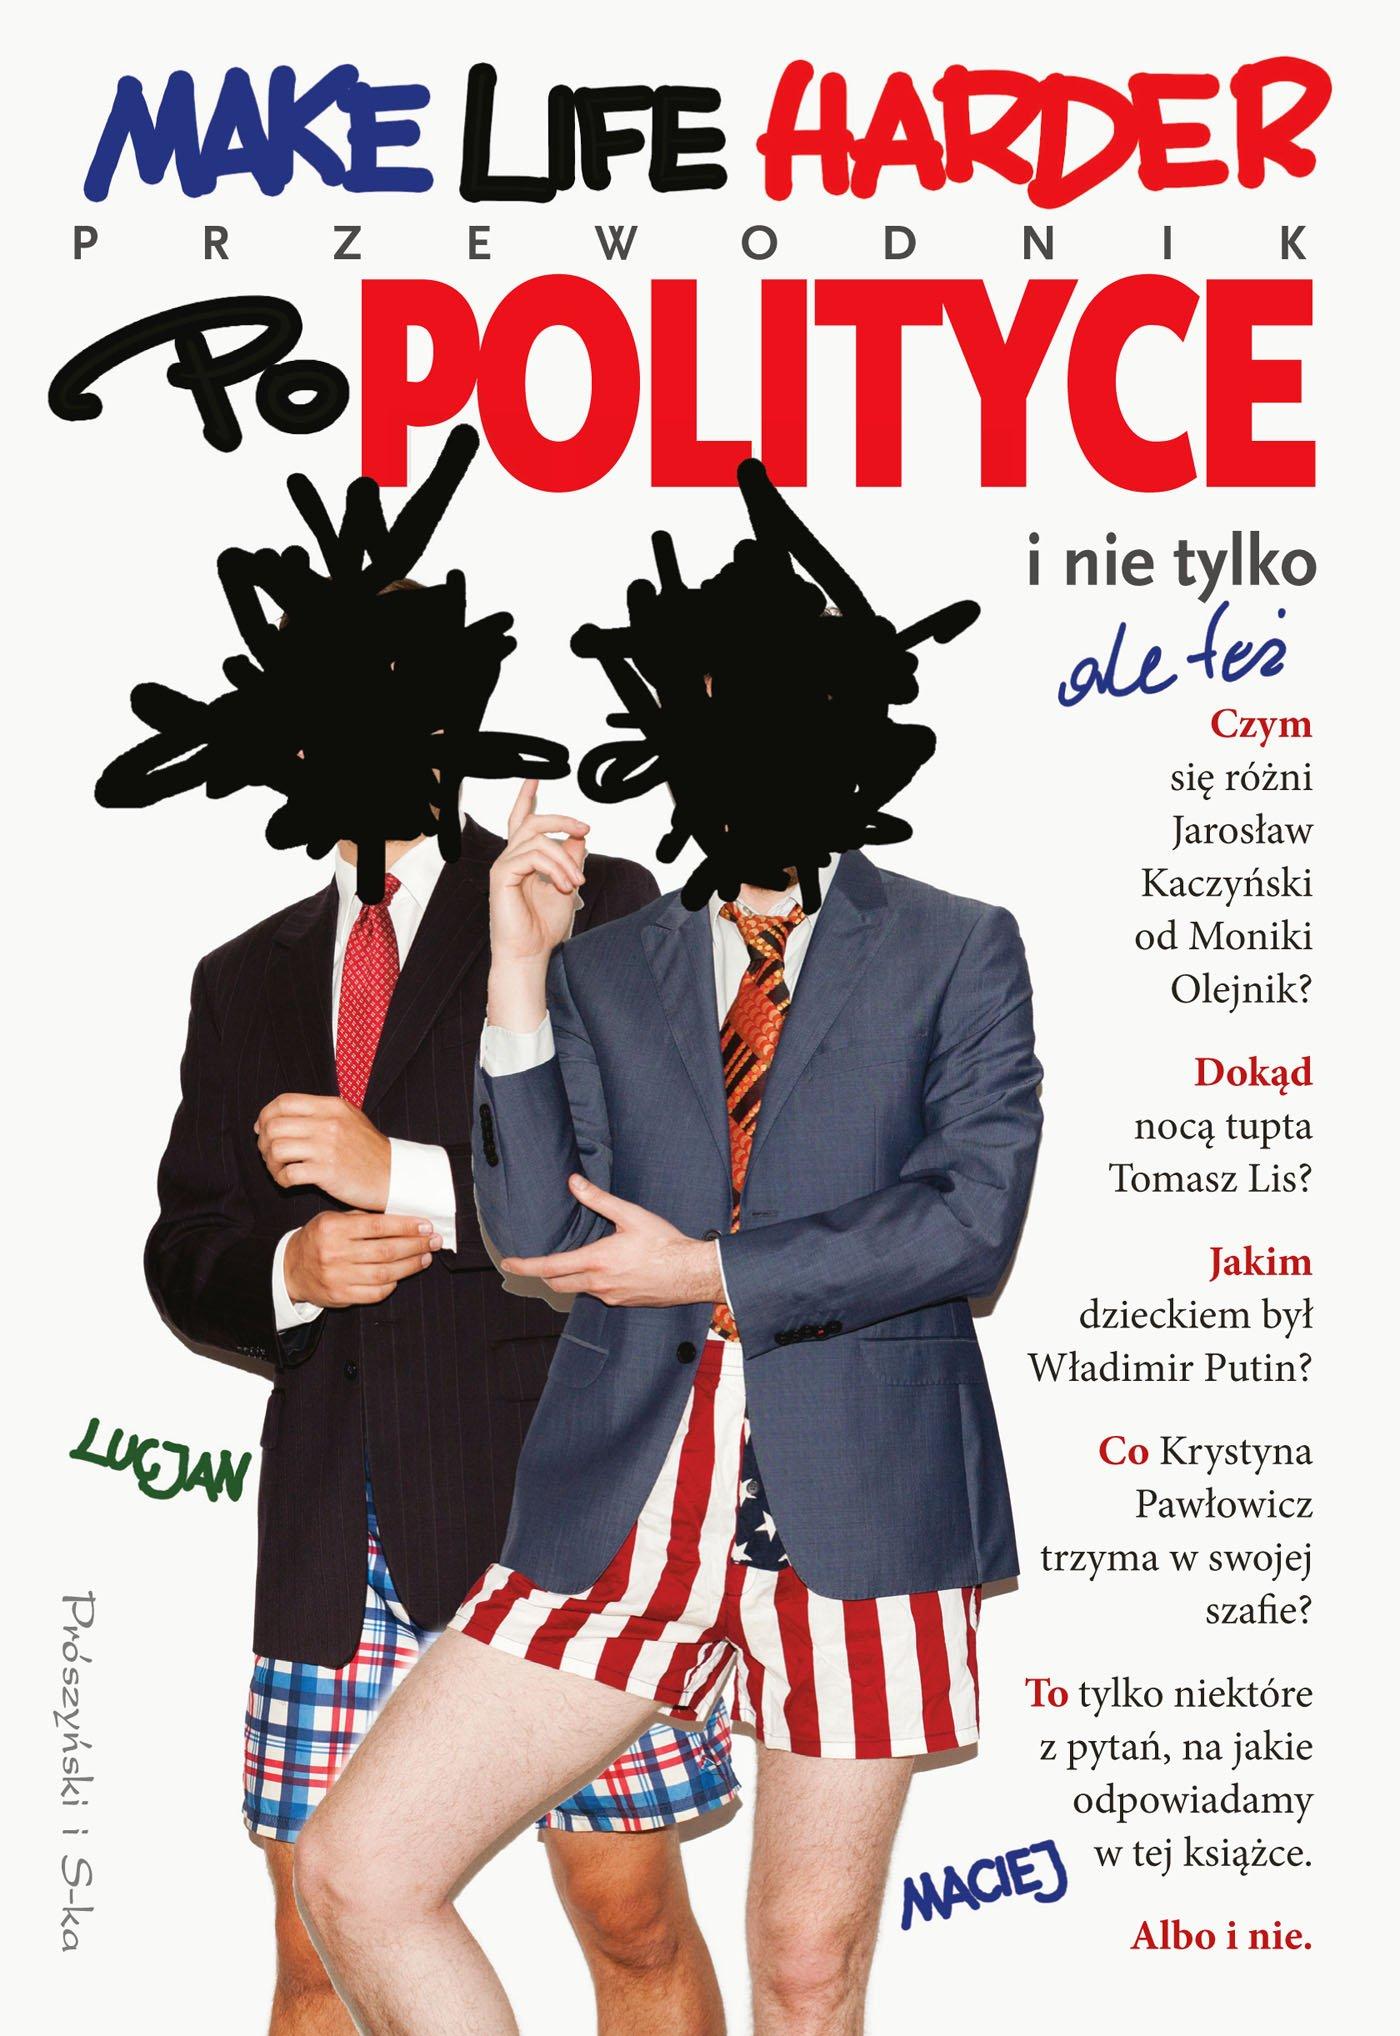 Make Life Harder. Przewodnik po polityce i nie tylko, ale też - Ebook (Książka na Kindle) do pobrania w formacie MOBI